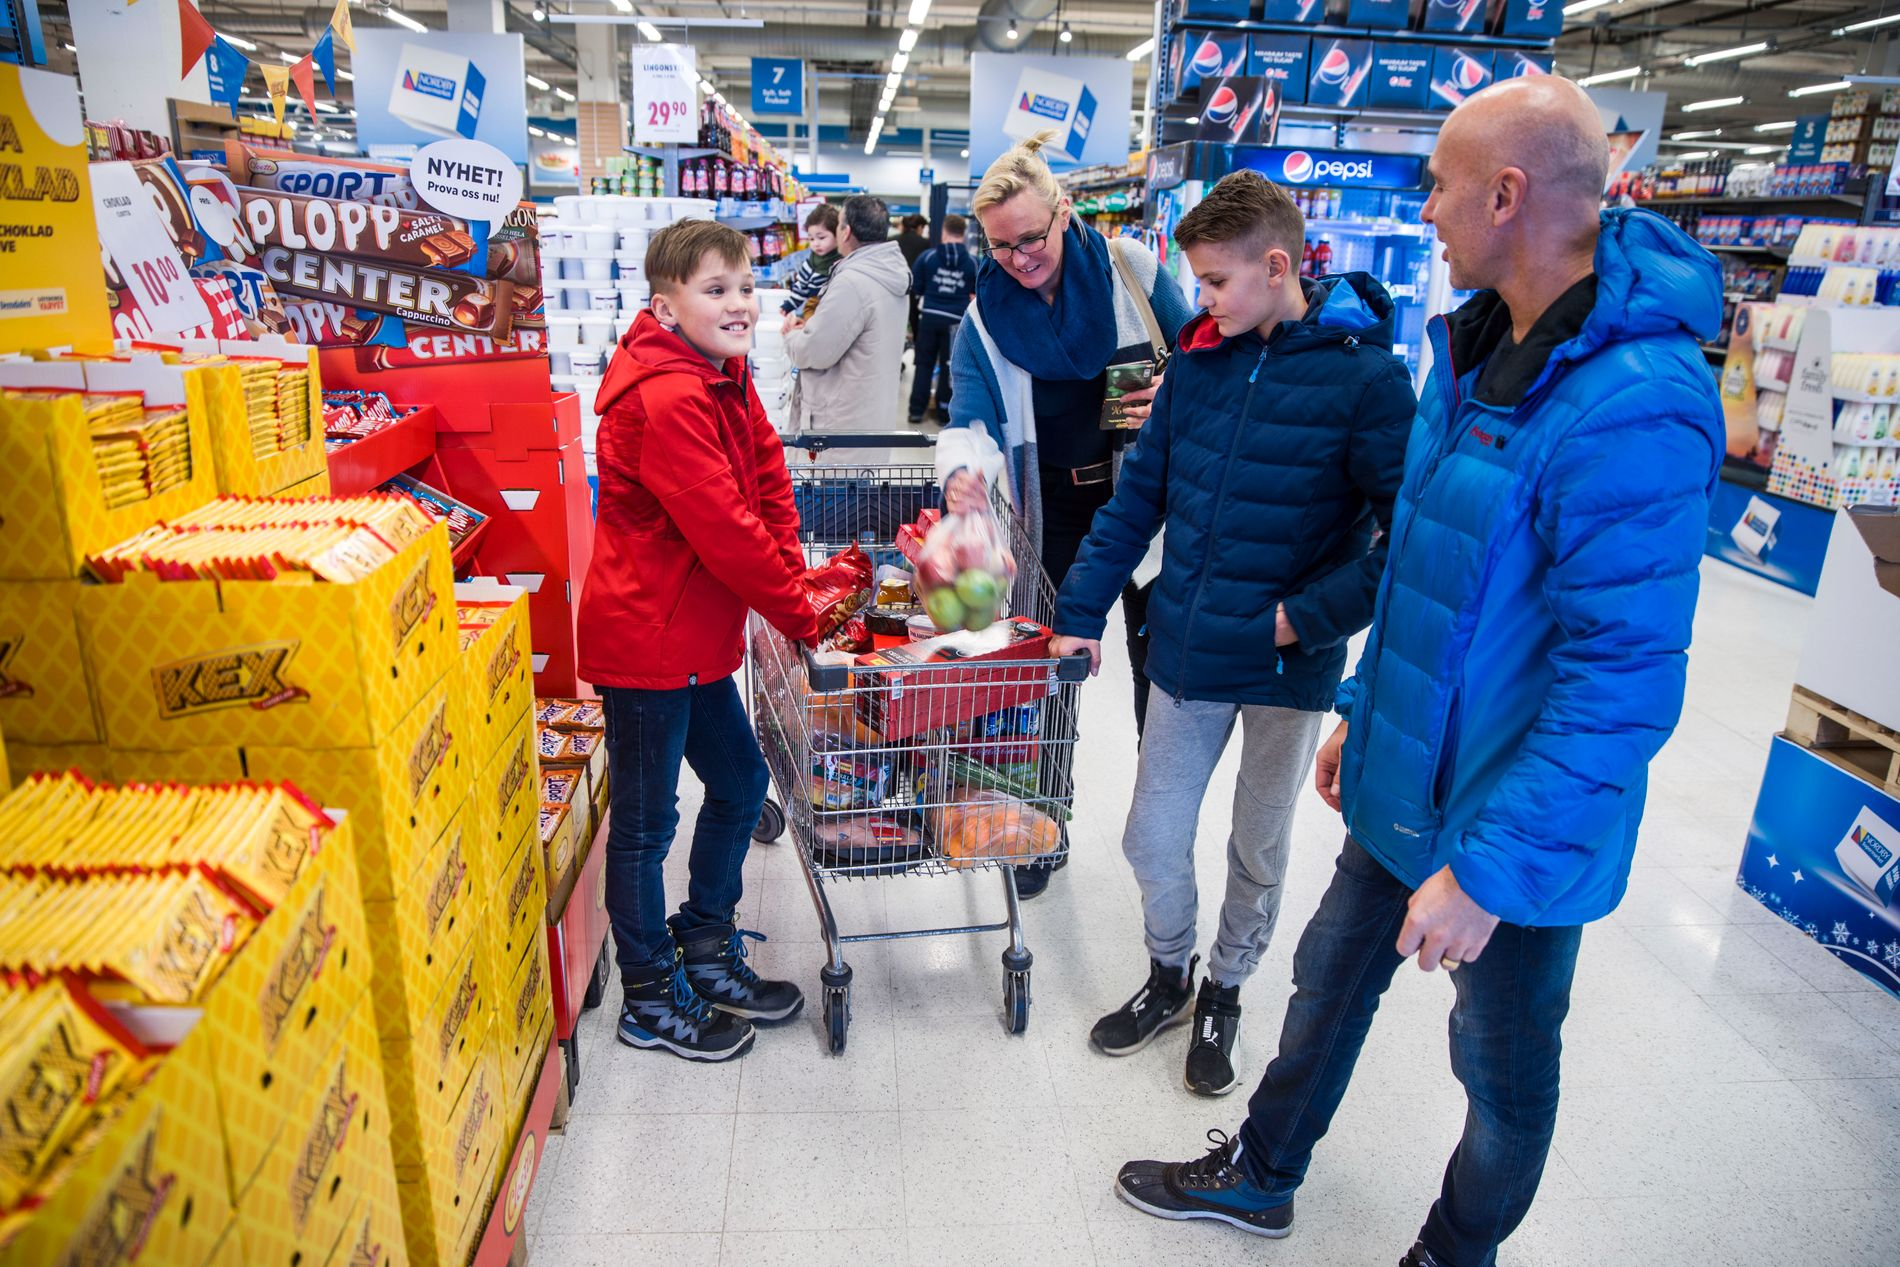 UT PÅ TUR: Markus Pedersen (f.v.) sammen med sin mor Sara Pedersen, sin bror Jesper Pedersen og pappa Kenneth på handletur ved Nordby Supermarked i Strømstad.